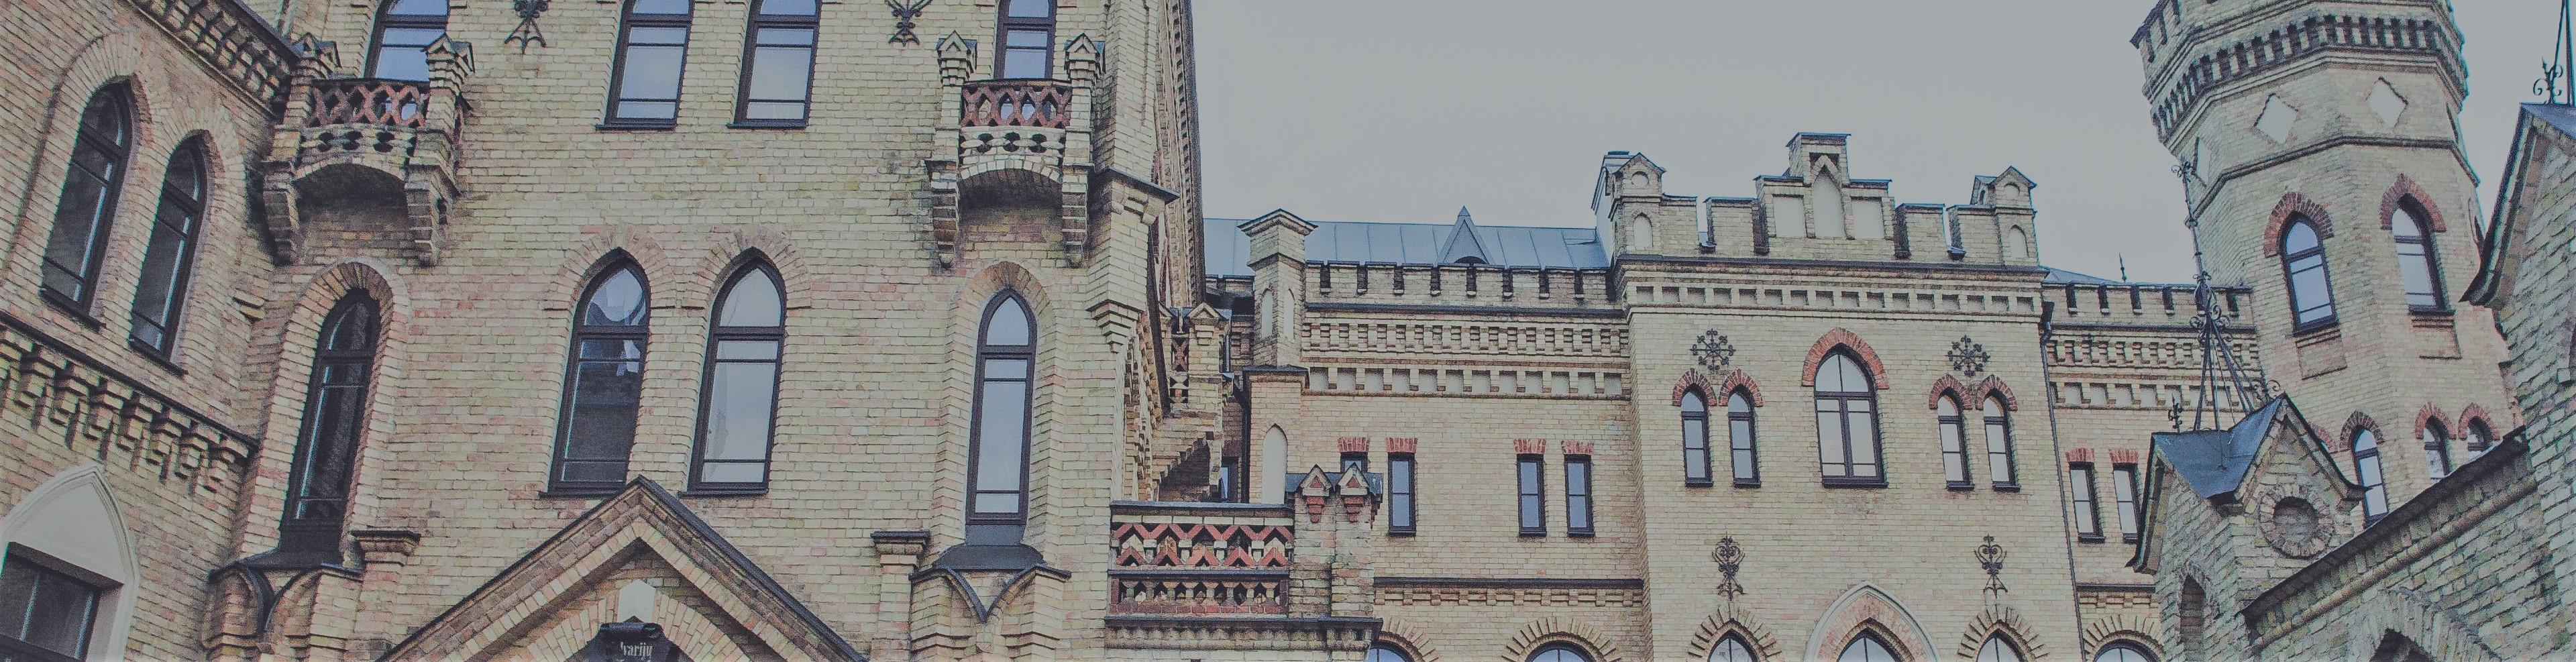 Šiuolaikinė architektūra istorinėje aplinkoje. Kokia ji turėtų būti?